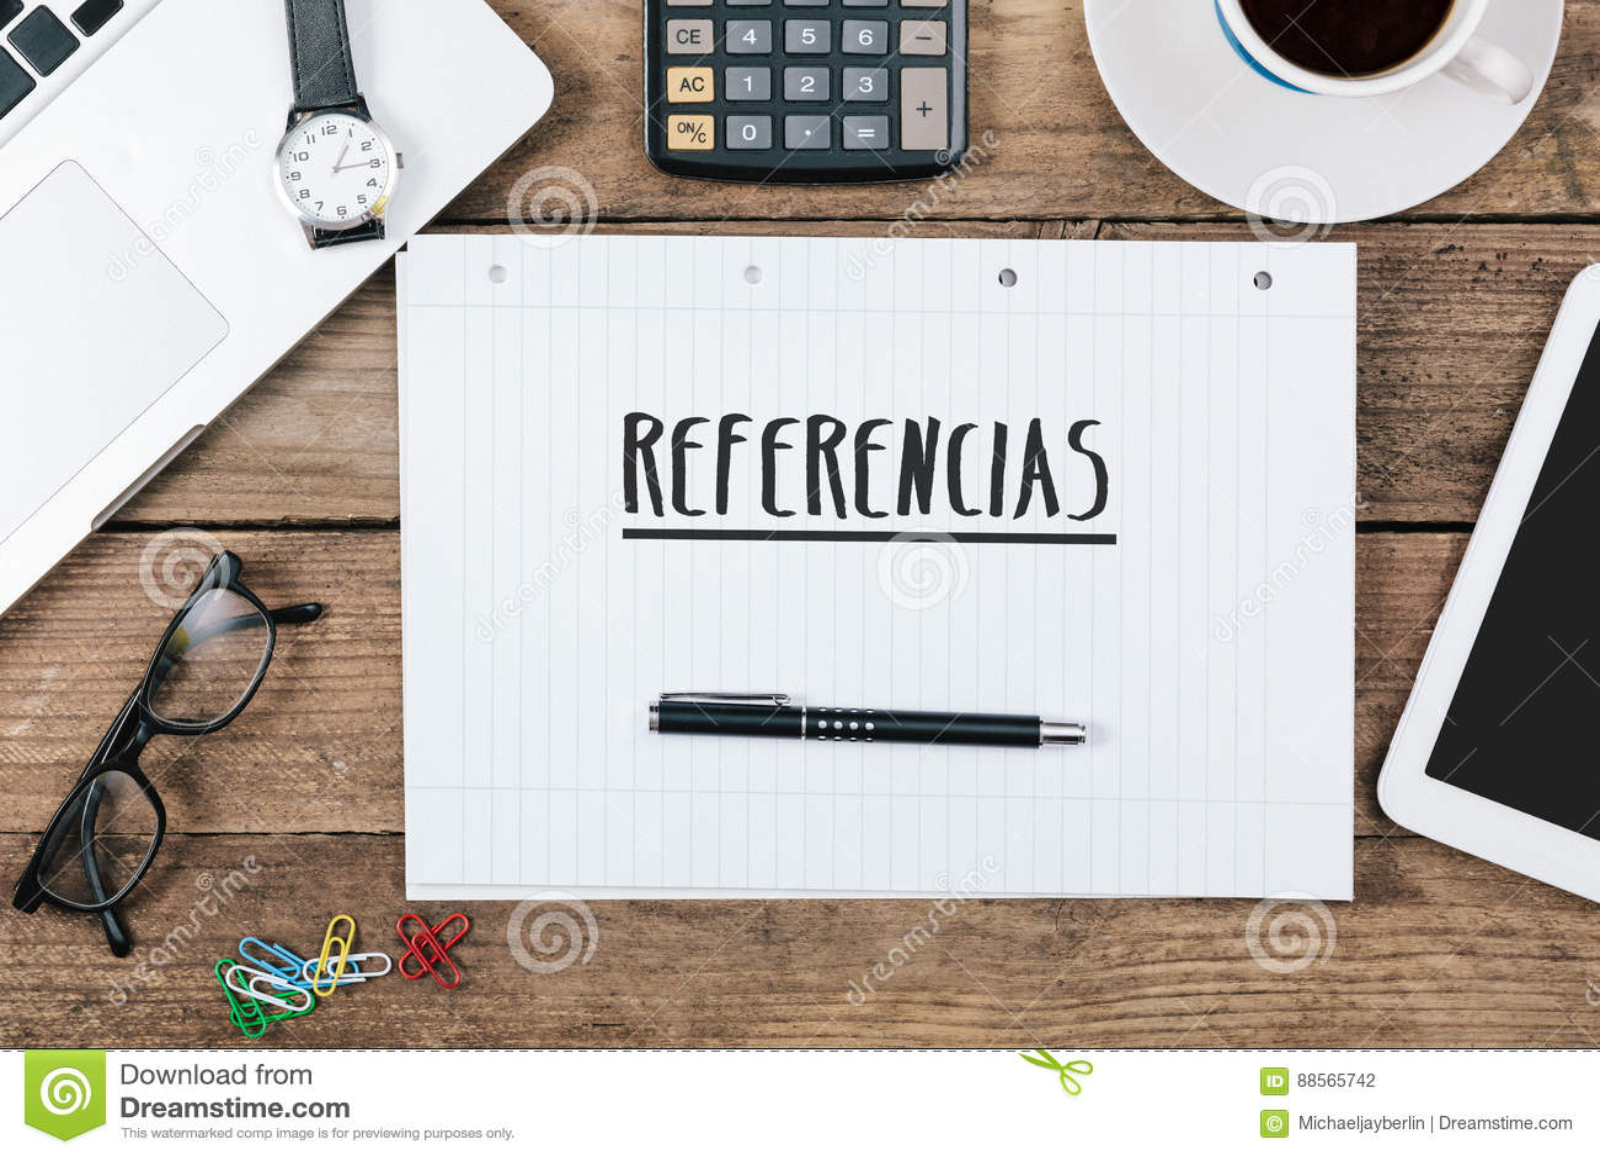 Referencias texte espagnol pour des références sur le bloc notes